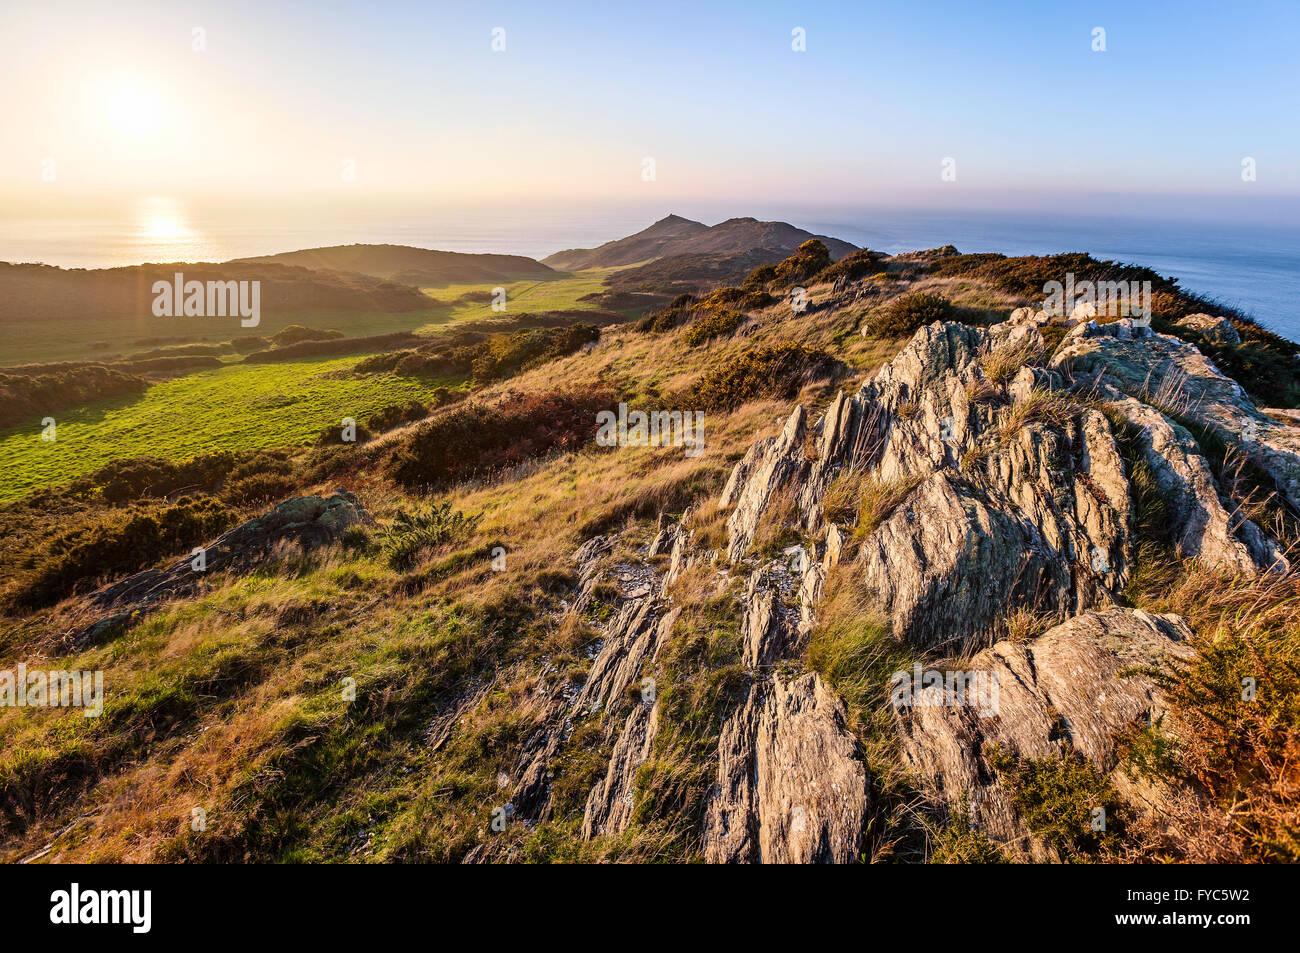 Impostazione di Sun su scogliere rocciose in punto di morte in North Devon, Inghilterra, Regno Unito. Immagine hdr Immagini Stock